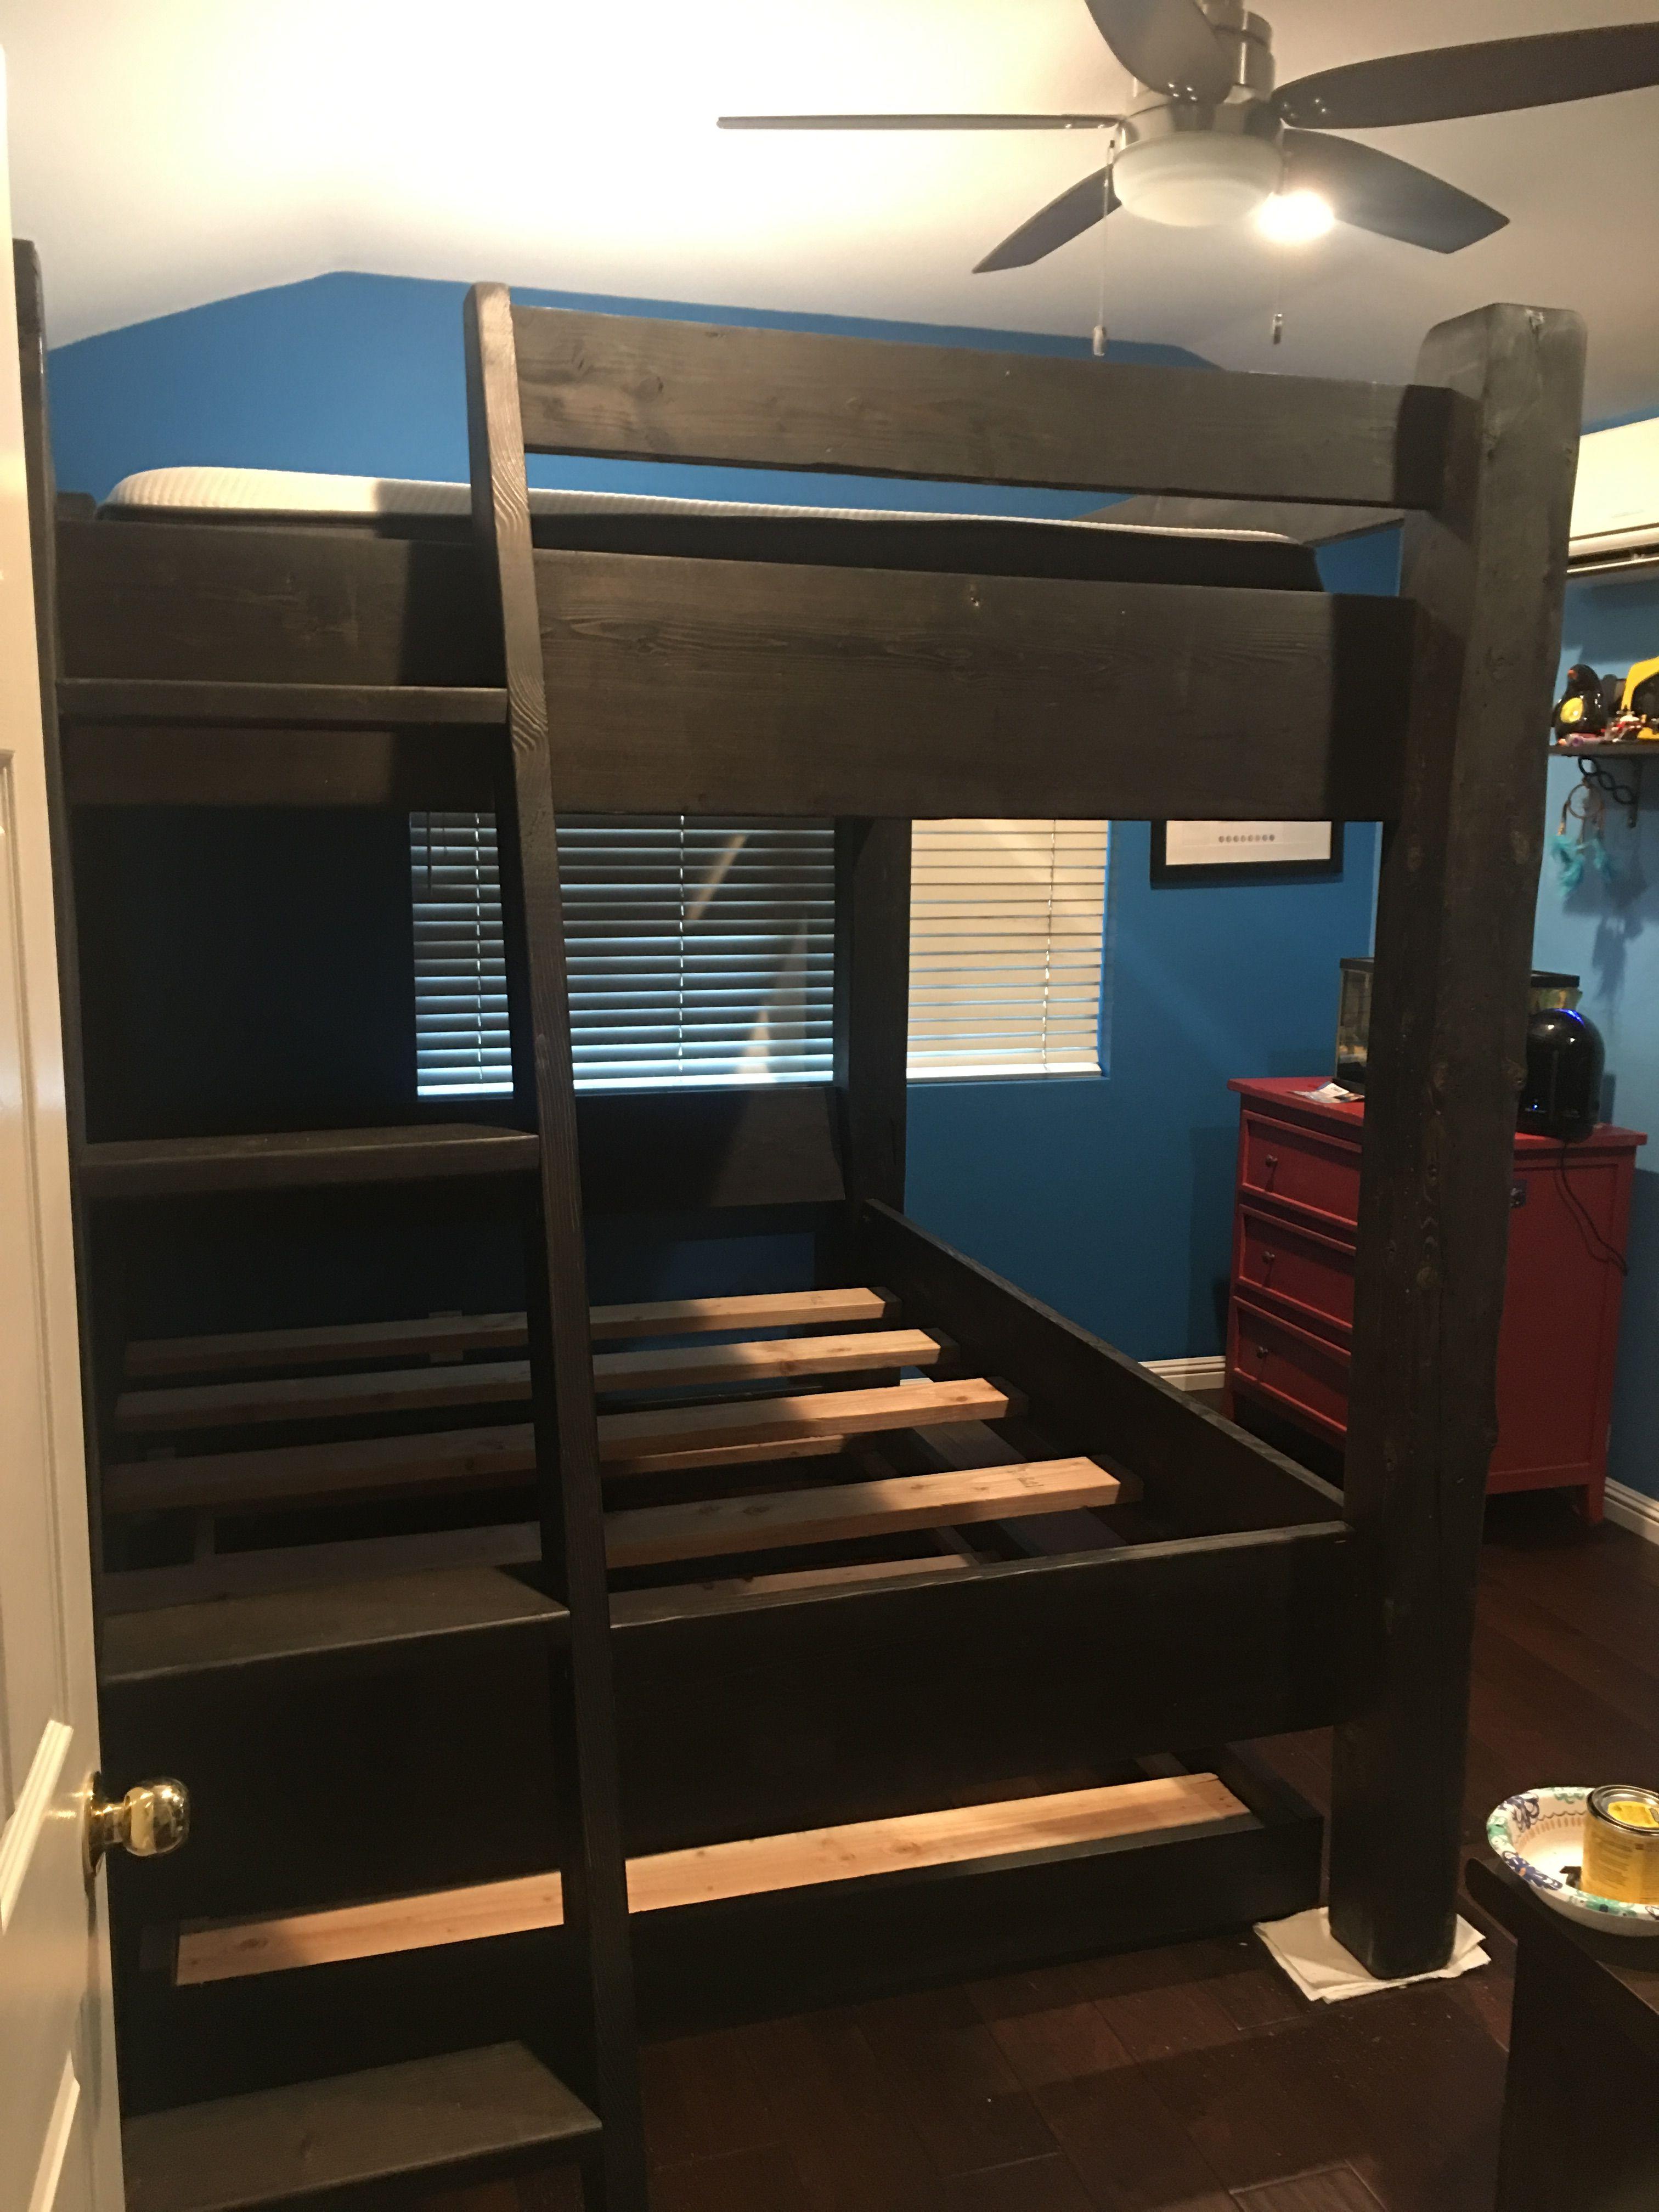 Rustic queen bunk in Orange County. Adult bunk beds